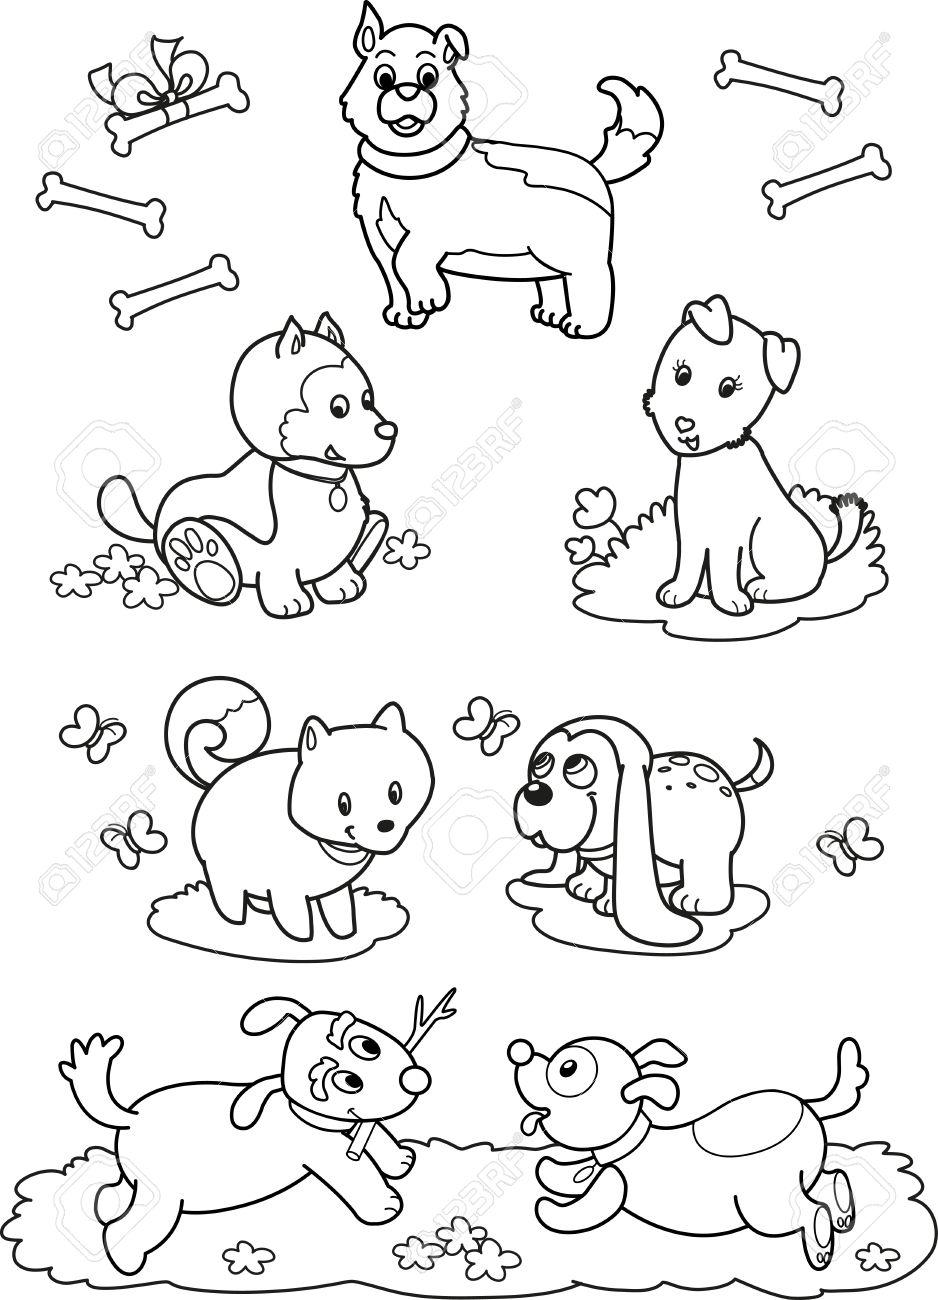 Dibujos En Blanco Y Negro Ilustración Siete Perros Diferentes Lindo Para Los Niños